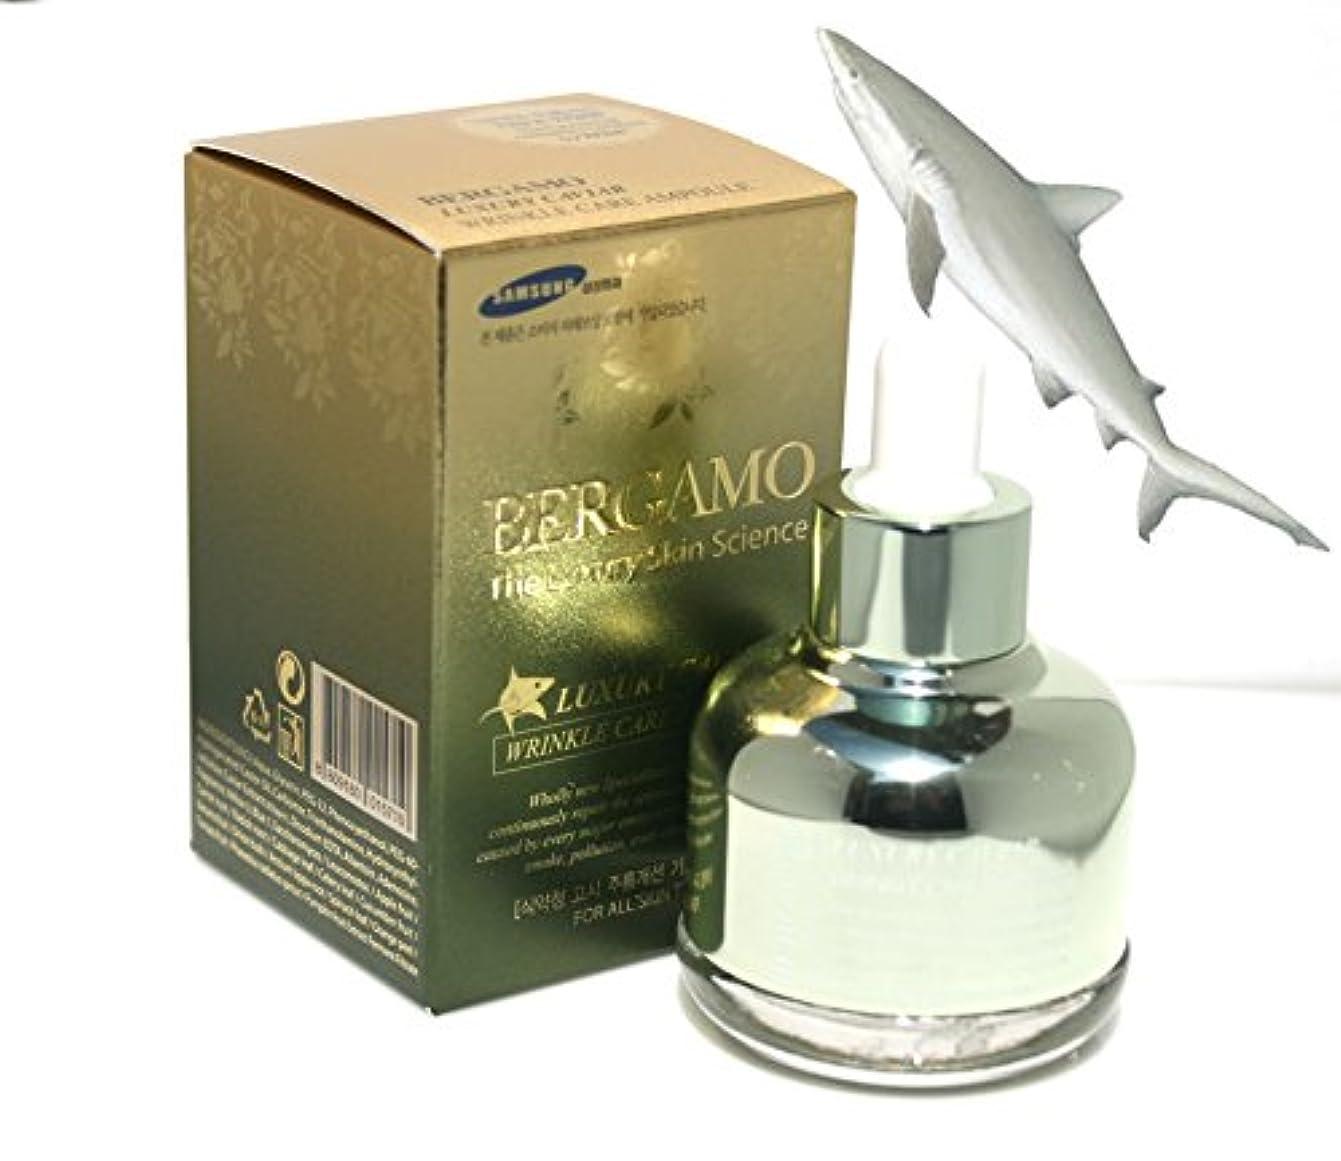 【ベルガモ][Bergamo] 皮膚科学高級キャビアリンクルケアアンプル30ml / The Skin Science Luxury Caviar Wrinkle Care Ampoule 30ml / 韓国化粧品 /...